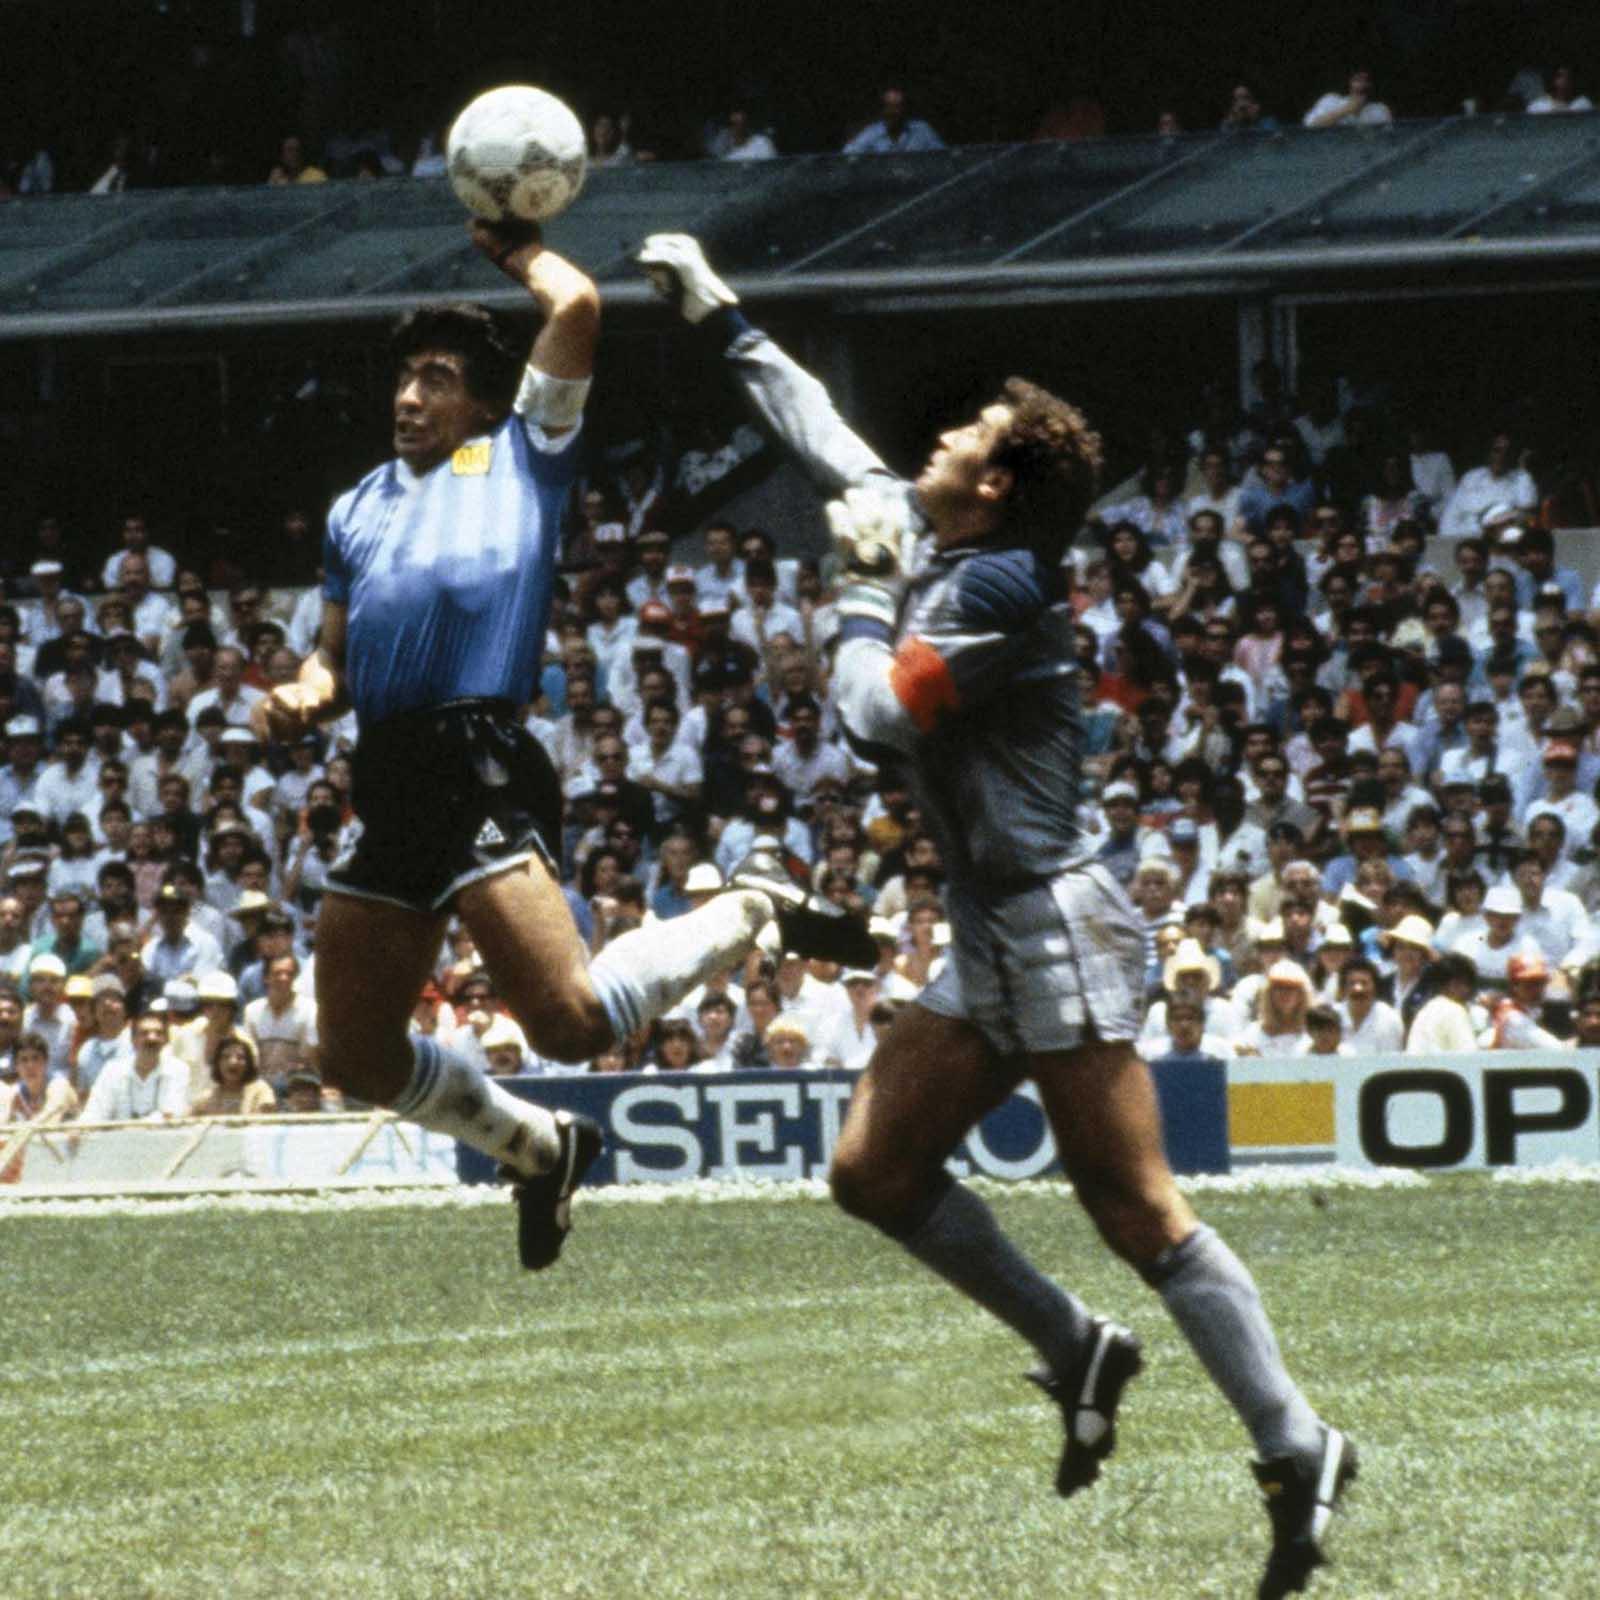 Diego Maradona anota el infame gol de la Mano de Dios, 1986